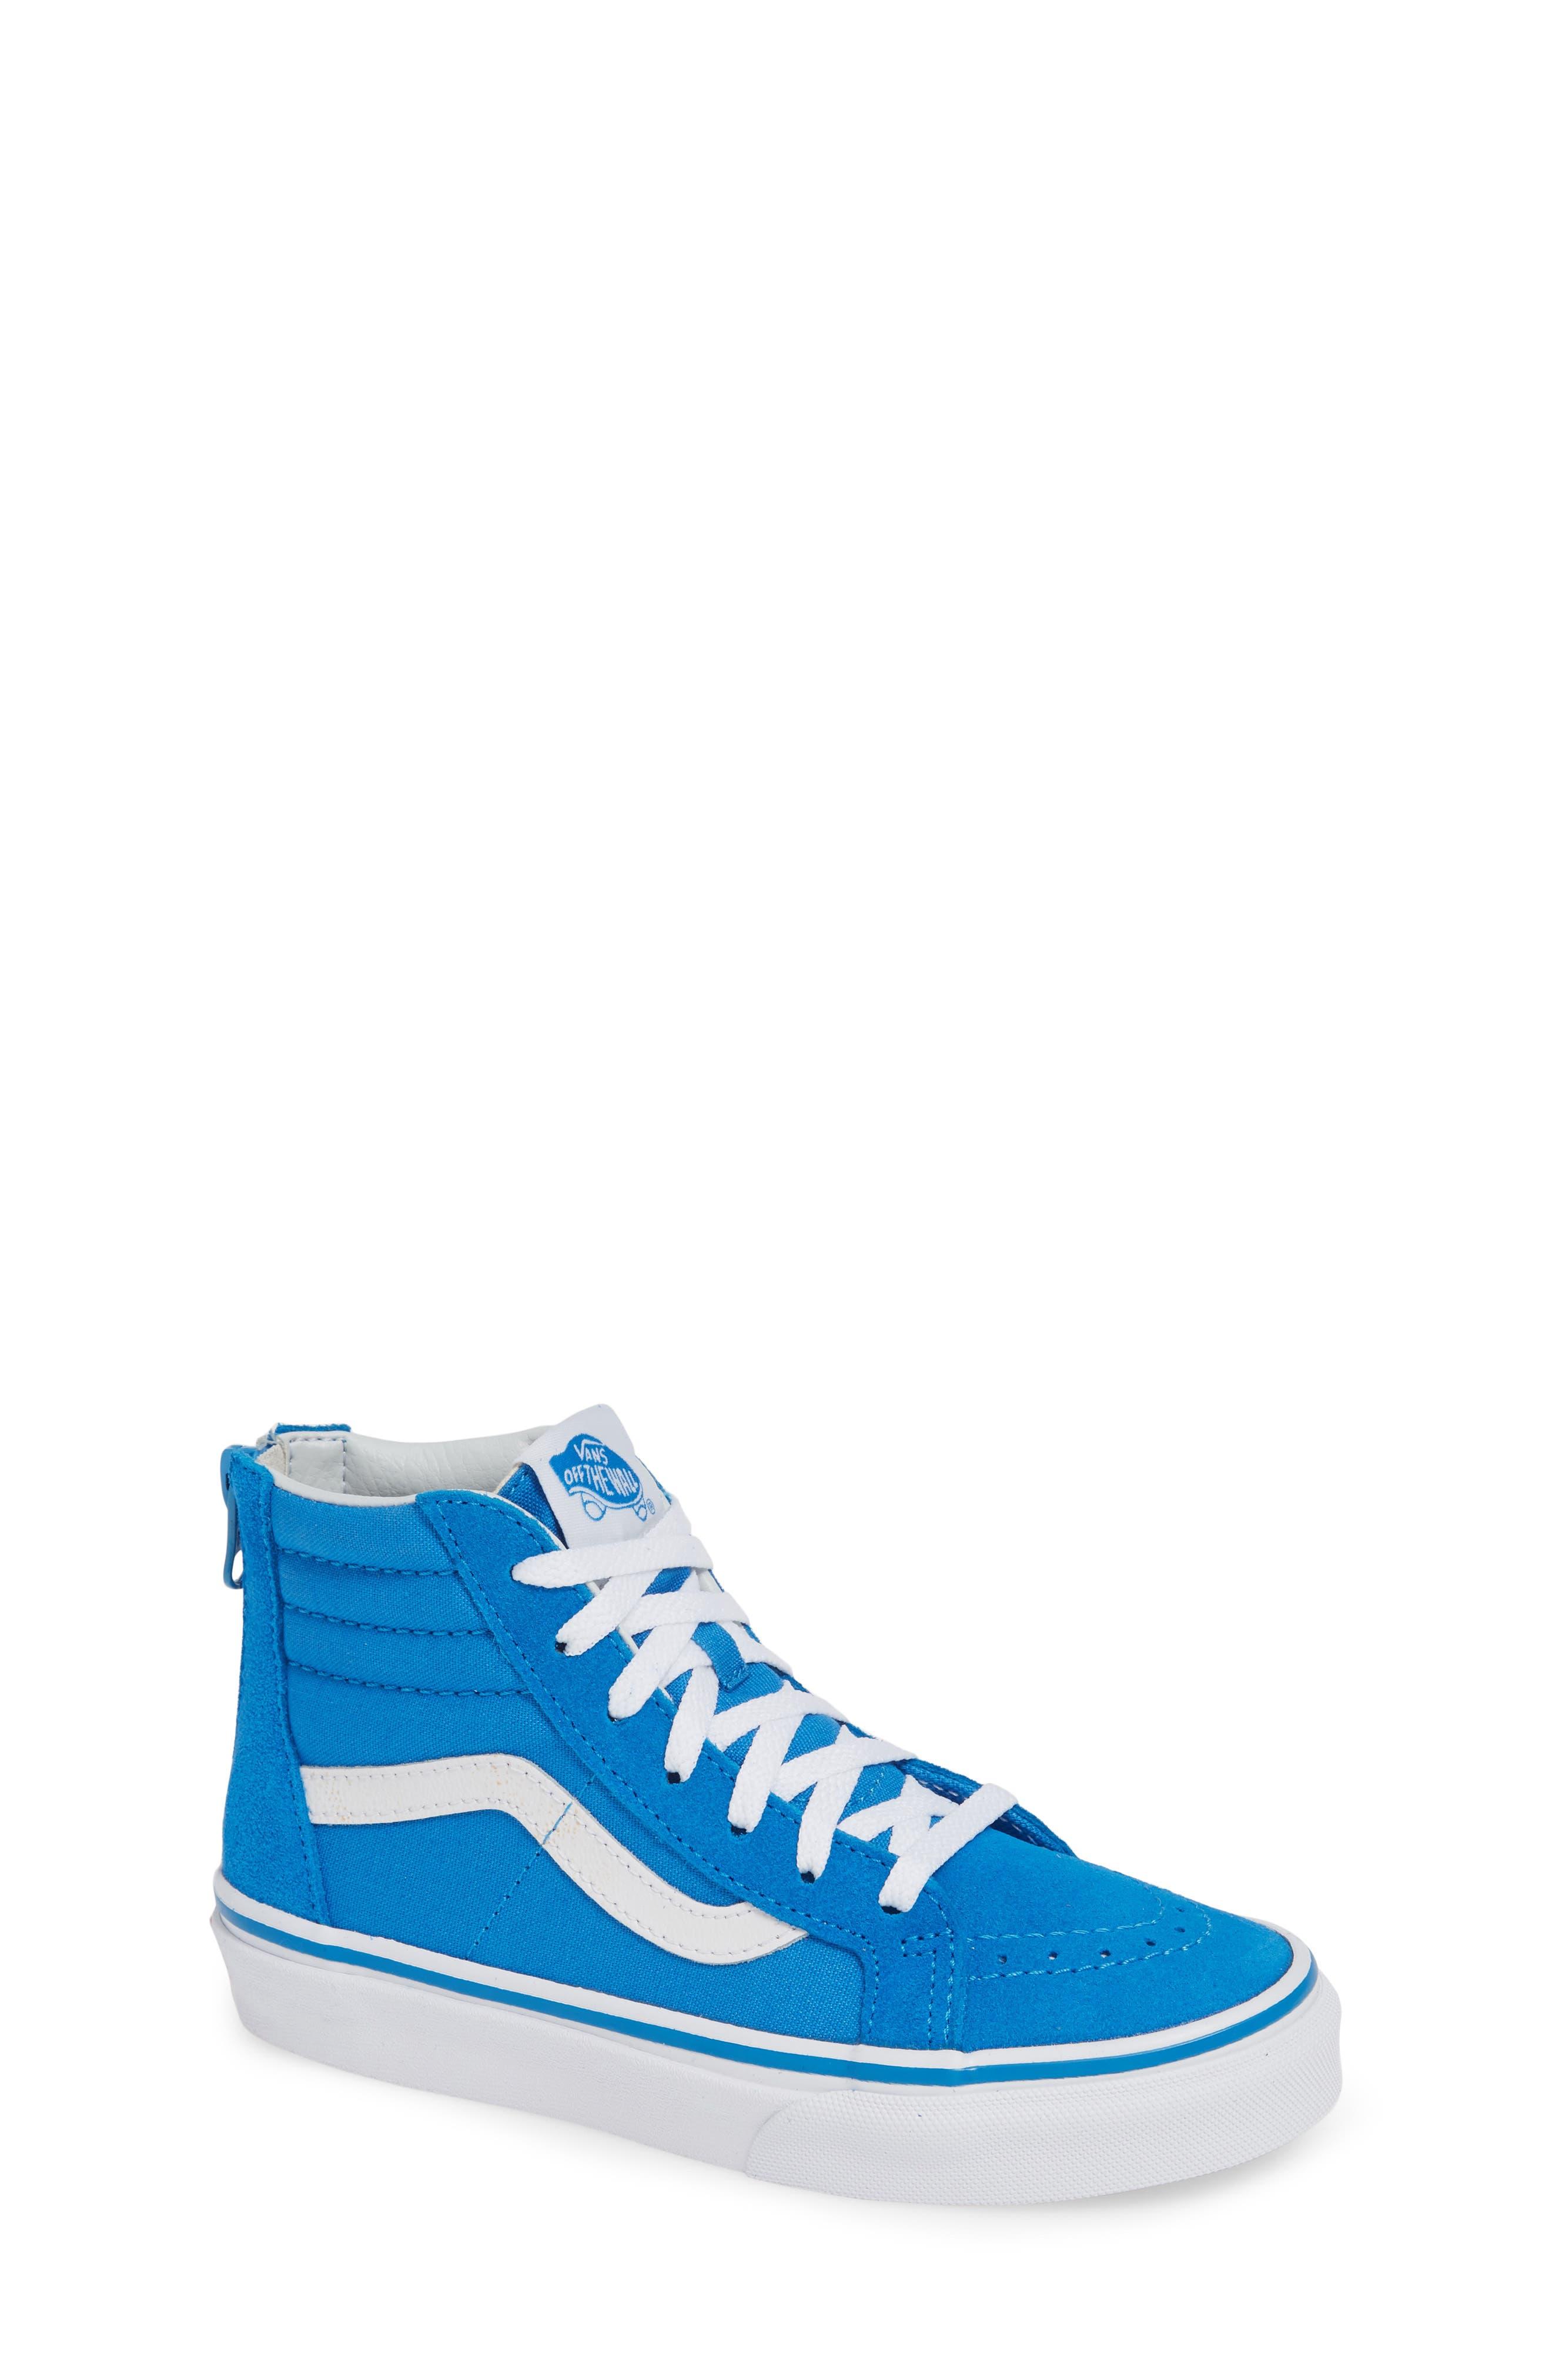 VANS, 'Sk8-Hi' Sneaker, Main thumbnail 1, color, INDIGO BUNTING/ TRUE WHITE